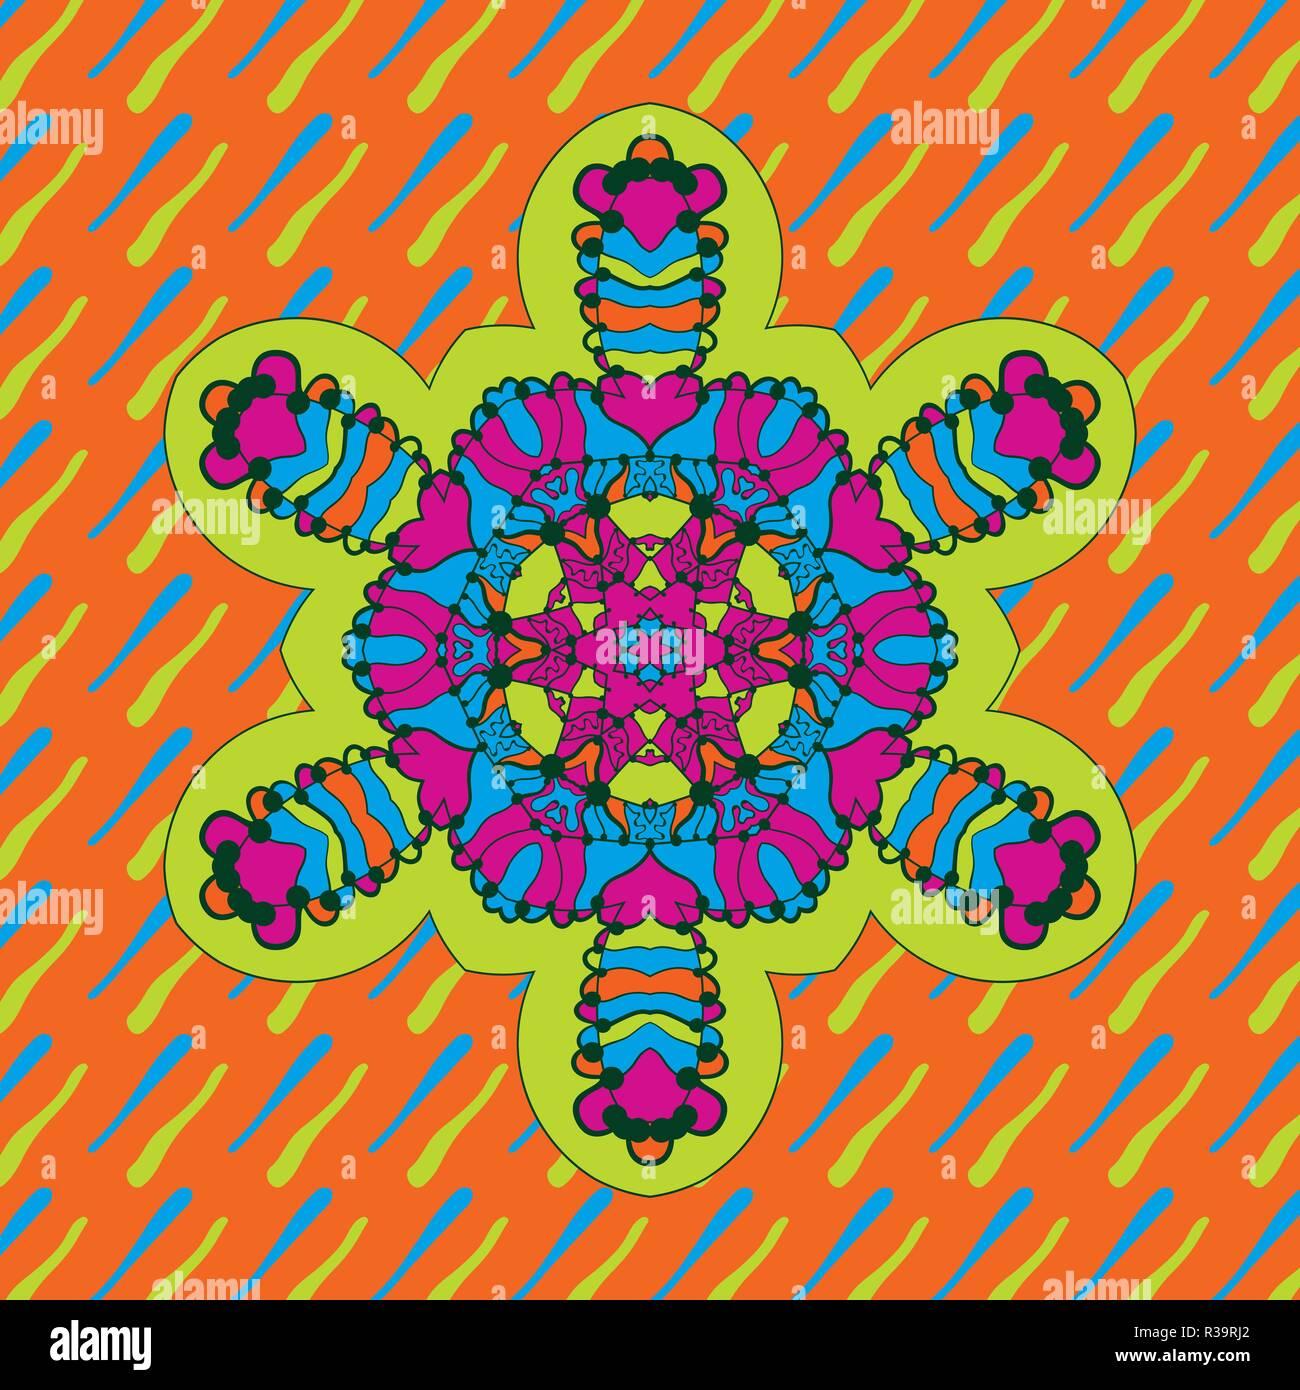 Icon Childish geometric symmetri design of neon bright color - Stock Vector